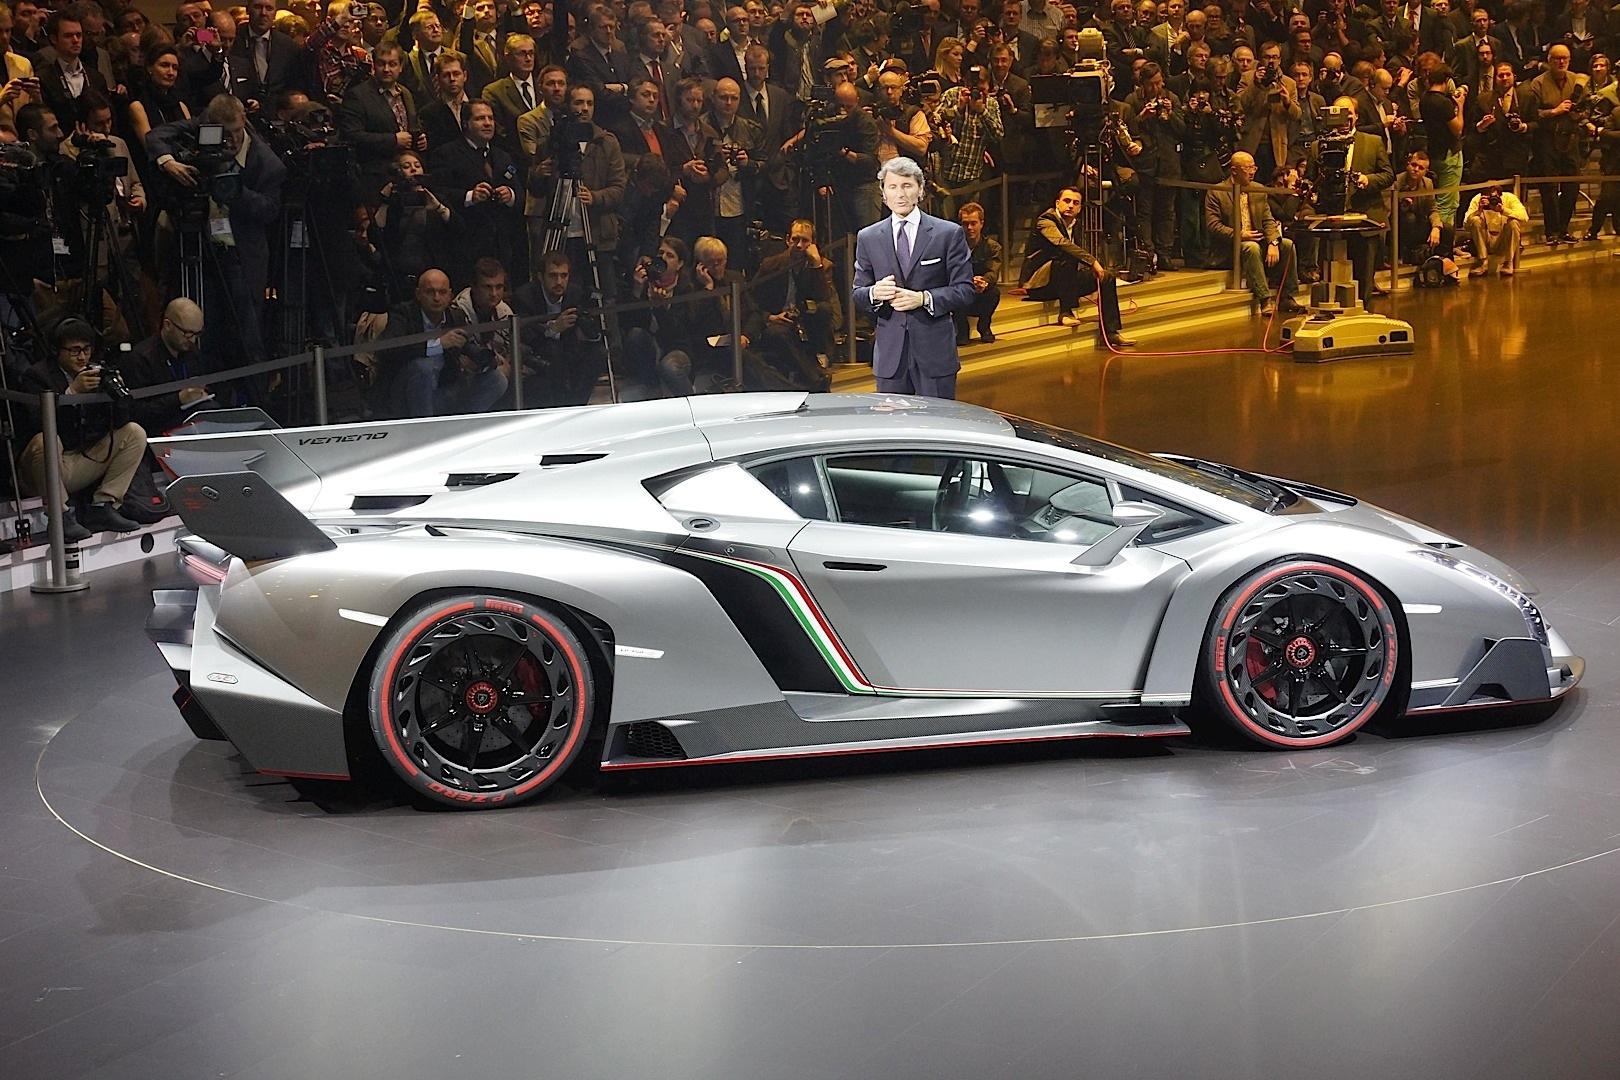 Lamborghini Veneno For Sale >> Second Lamborghini Veneno Listed For Sale Speculation Now